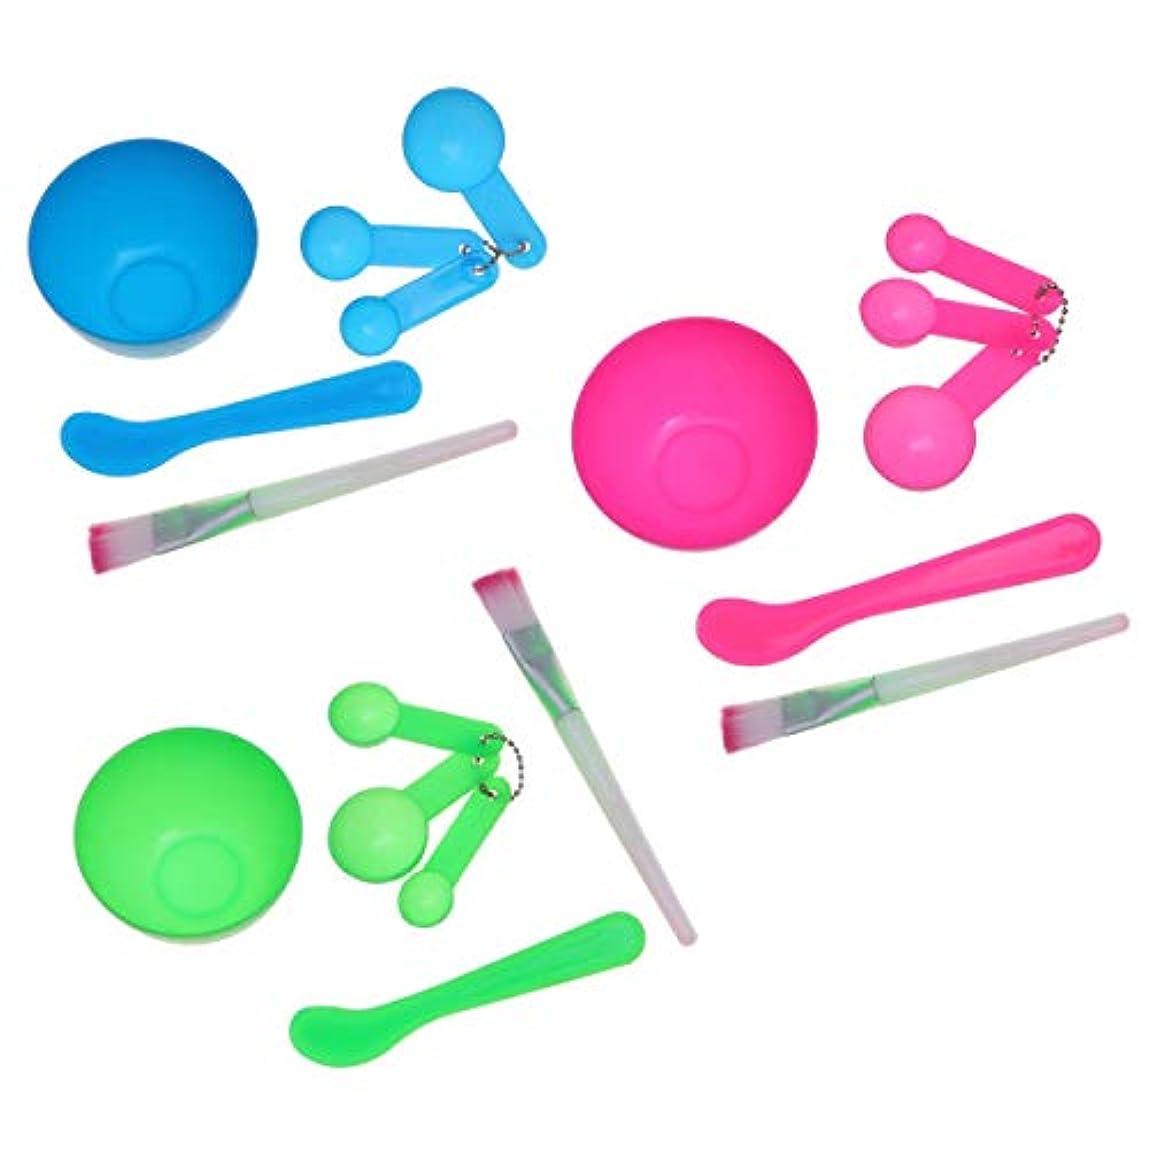 Beaupretty 18ピースフェイスマスクボウルフェイスマスクミキシングツールキットDIYフェイシャルマスクツール(グリーン+ブルー+ピンク)